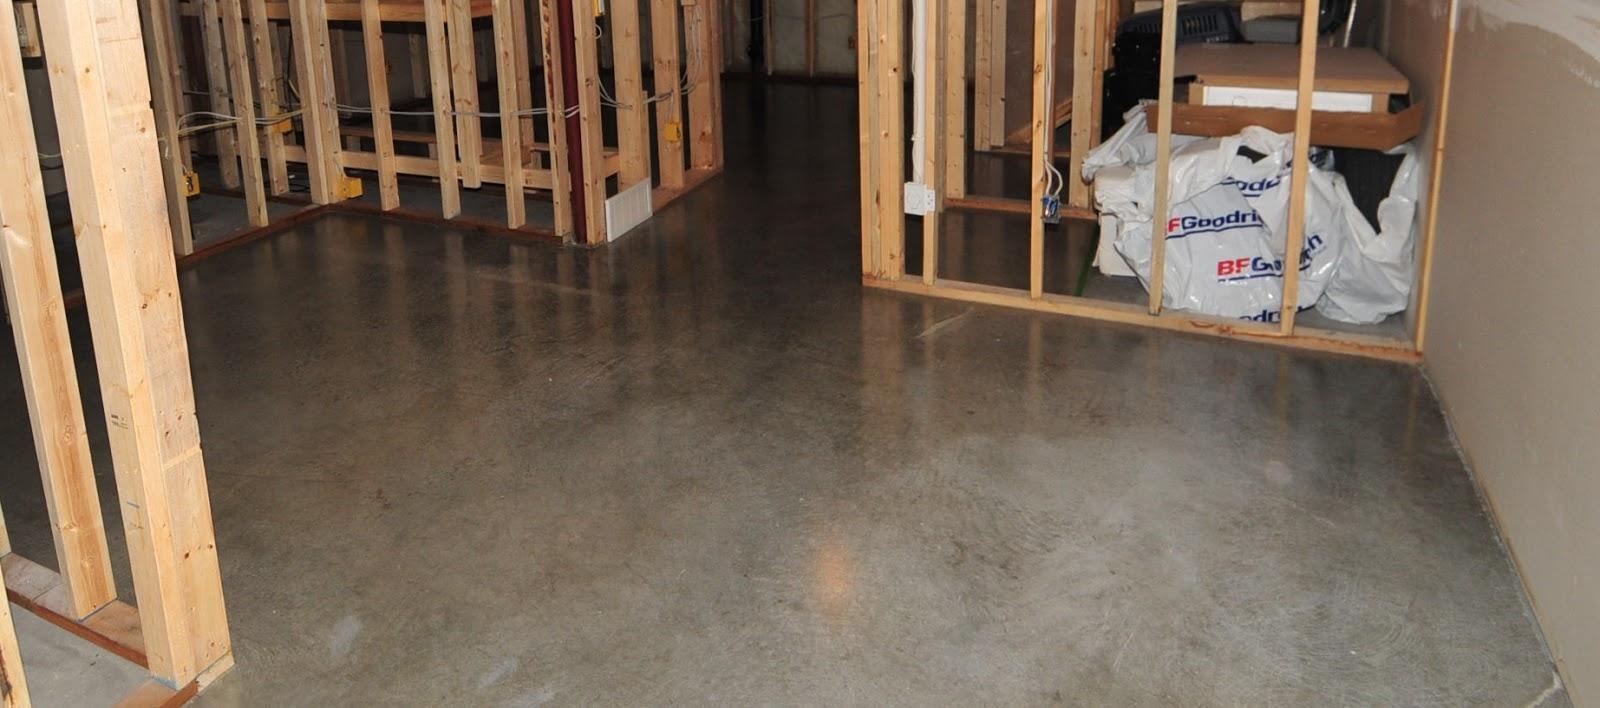 Best Concrete Sealer For Basement Floors